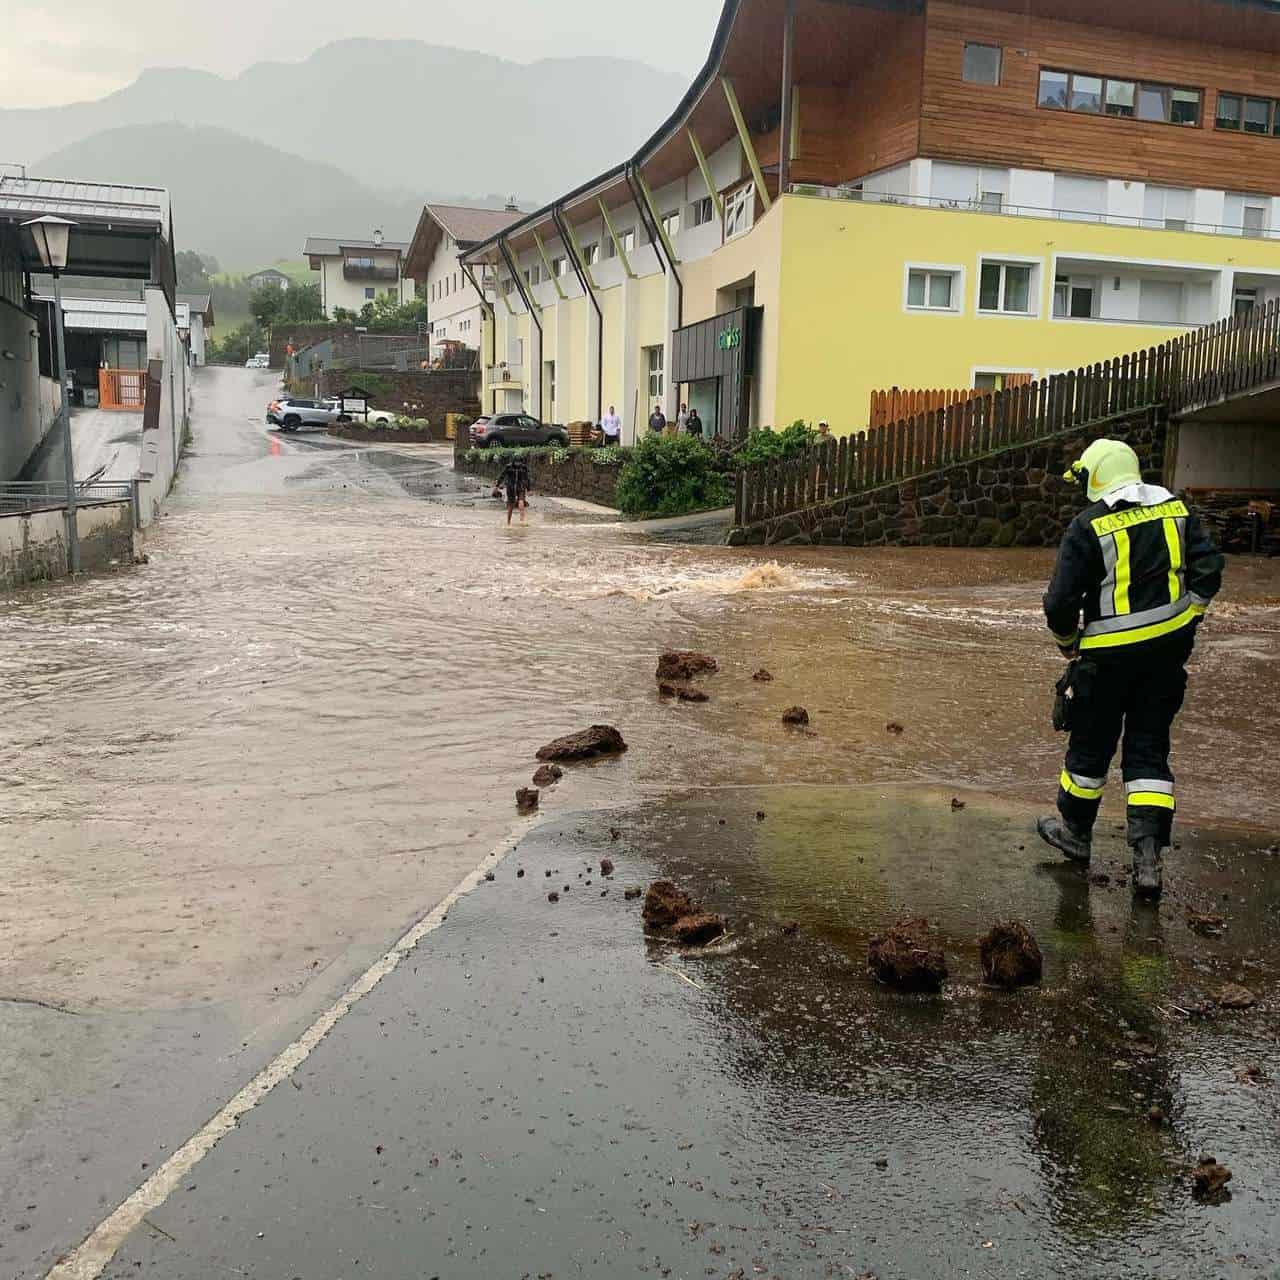 218494010 4311925848867427 3775634506982071684 n - Alluvione lampo in Alto Adige, ingenti danni. Ormai meteo estremo sempre più frequente